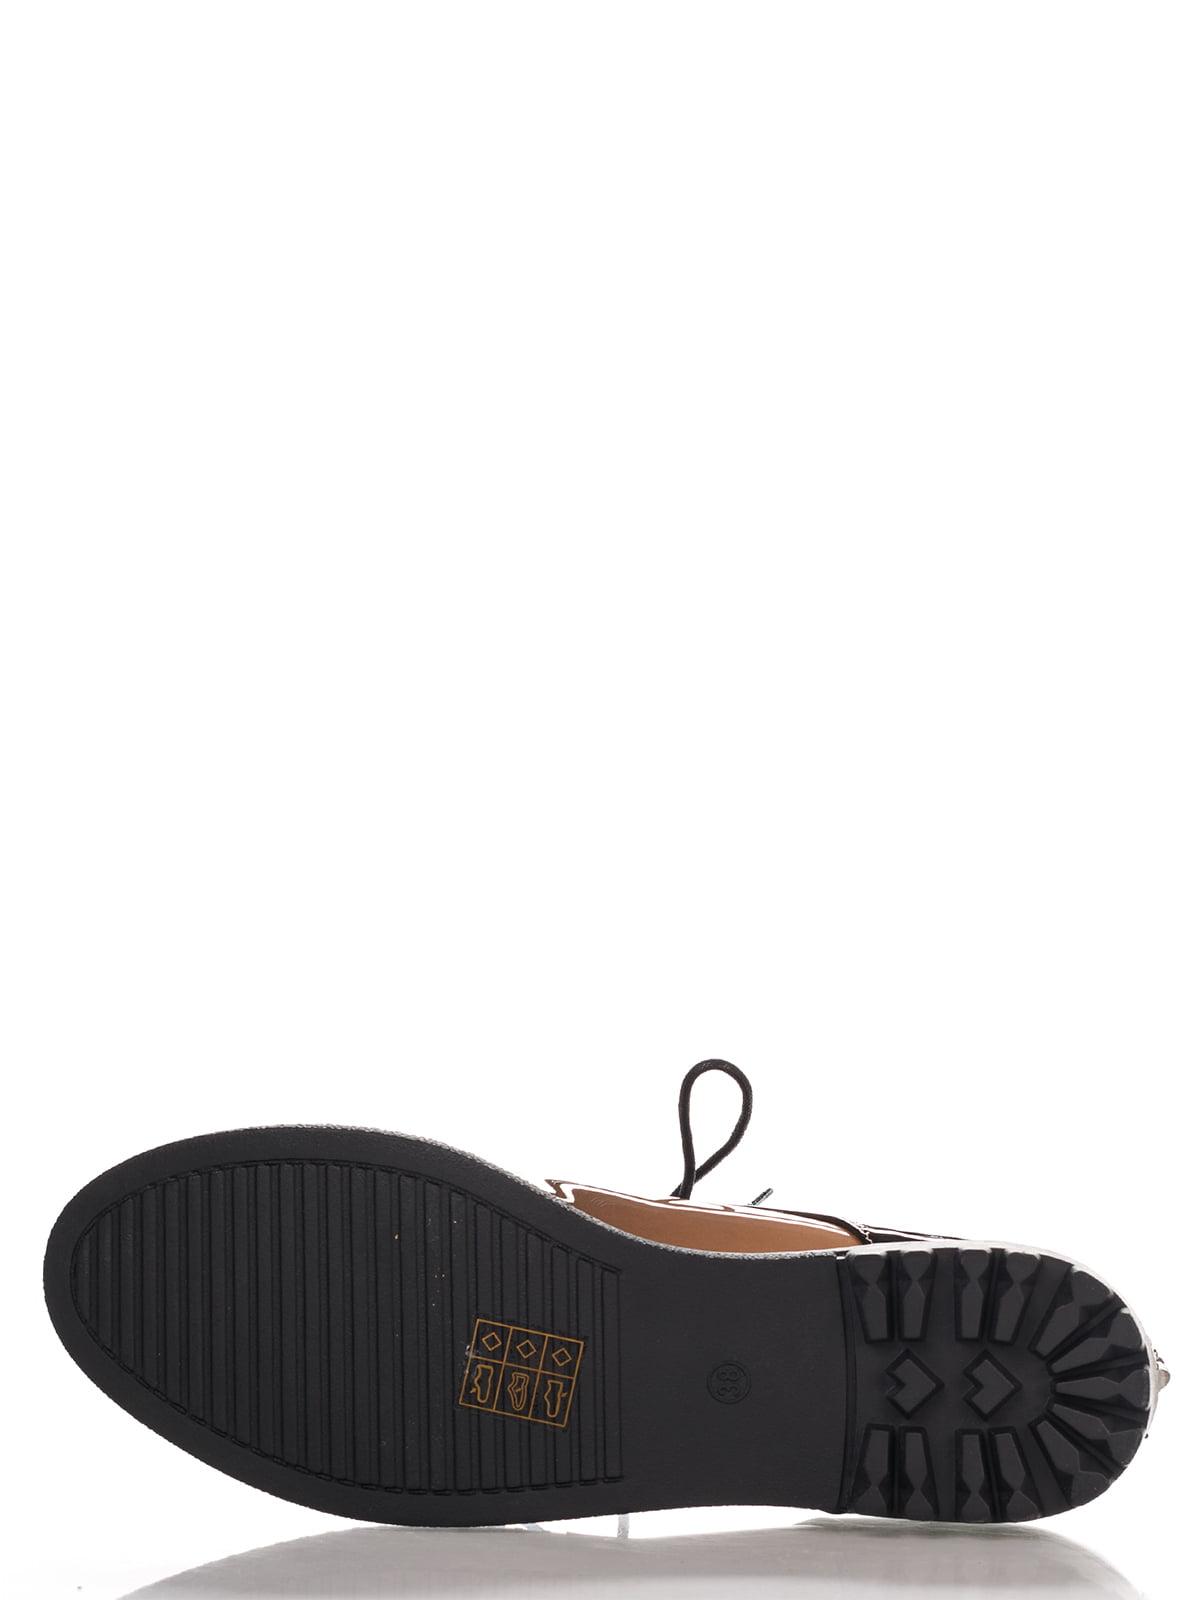 Туфли темно-коричневые | 4306393 | фото 4